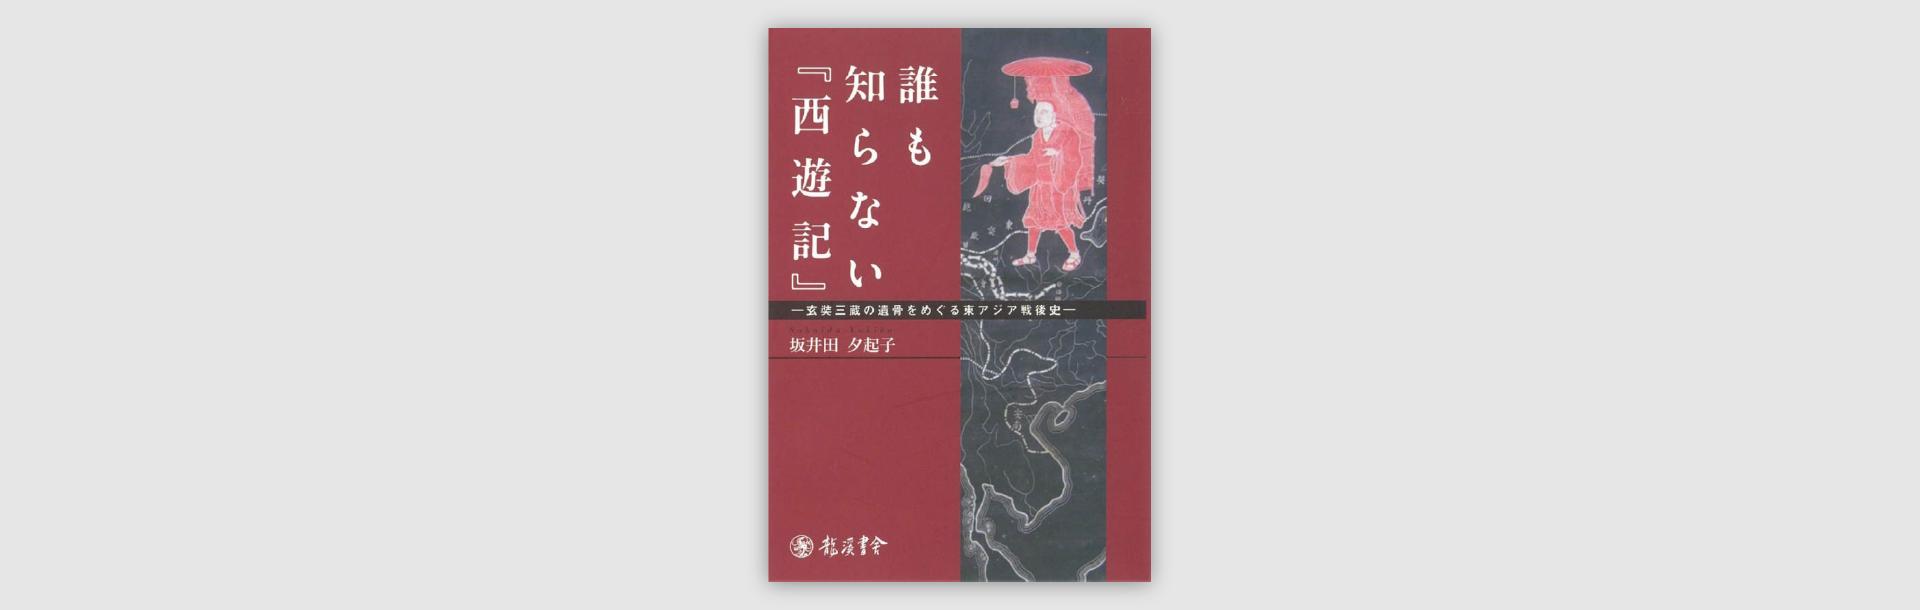 大阪市立大学国際学術シンポジウム 準備セミナー(第6回)報告